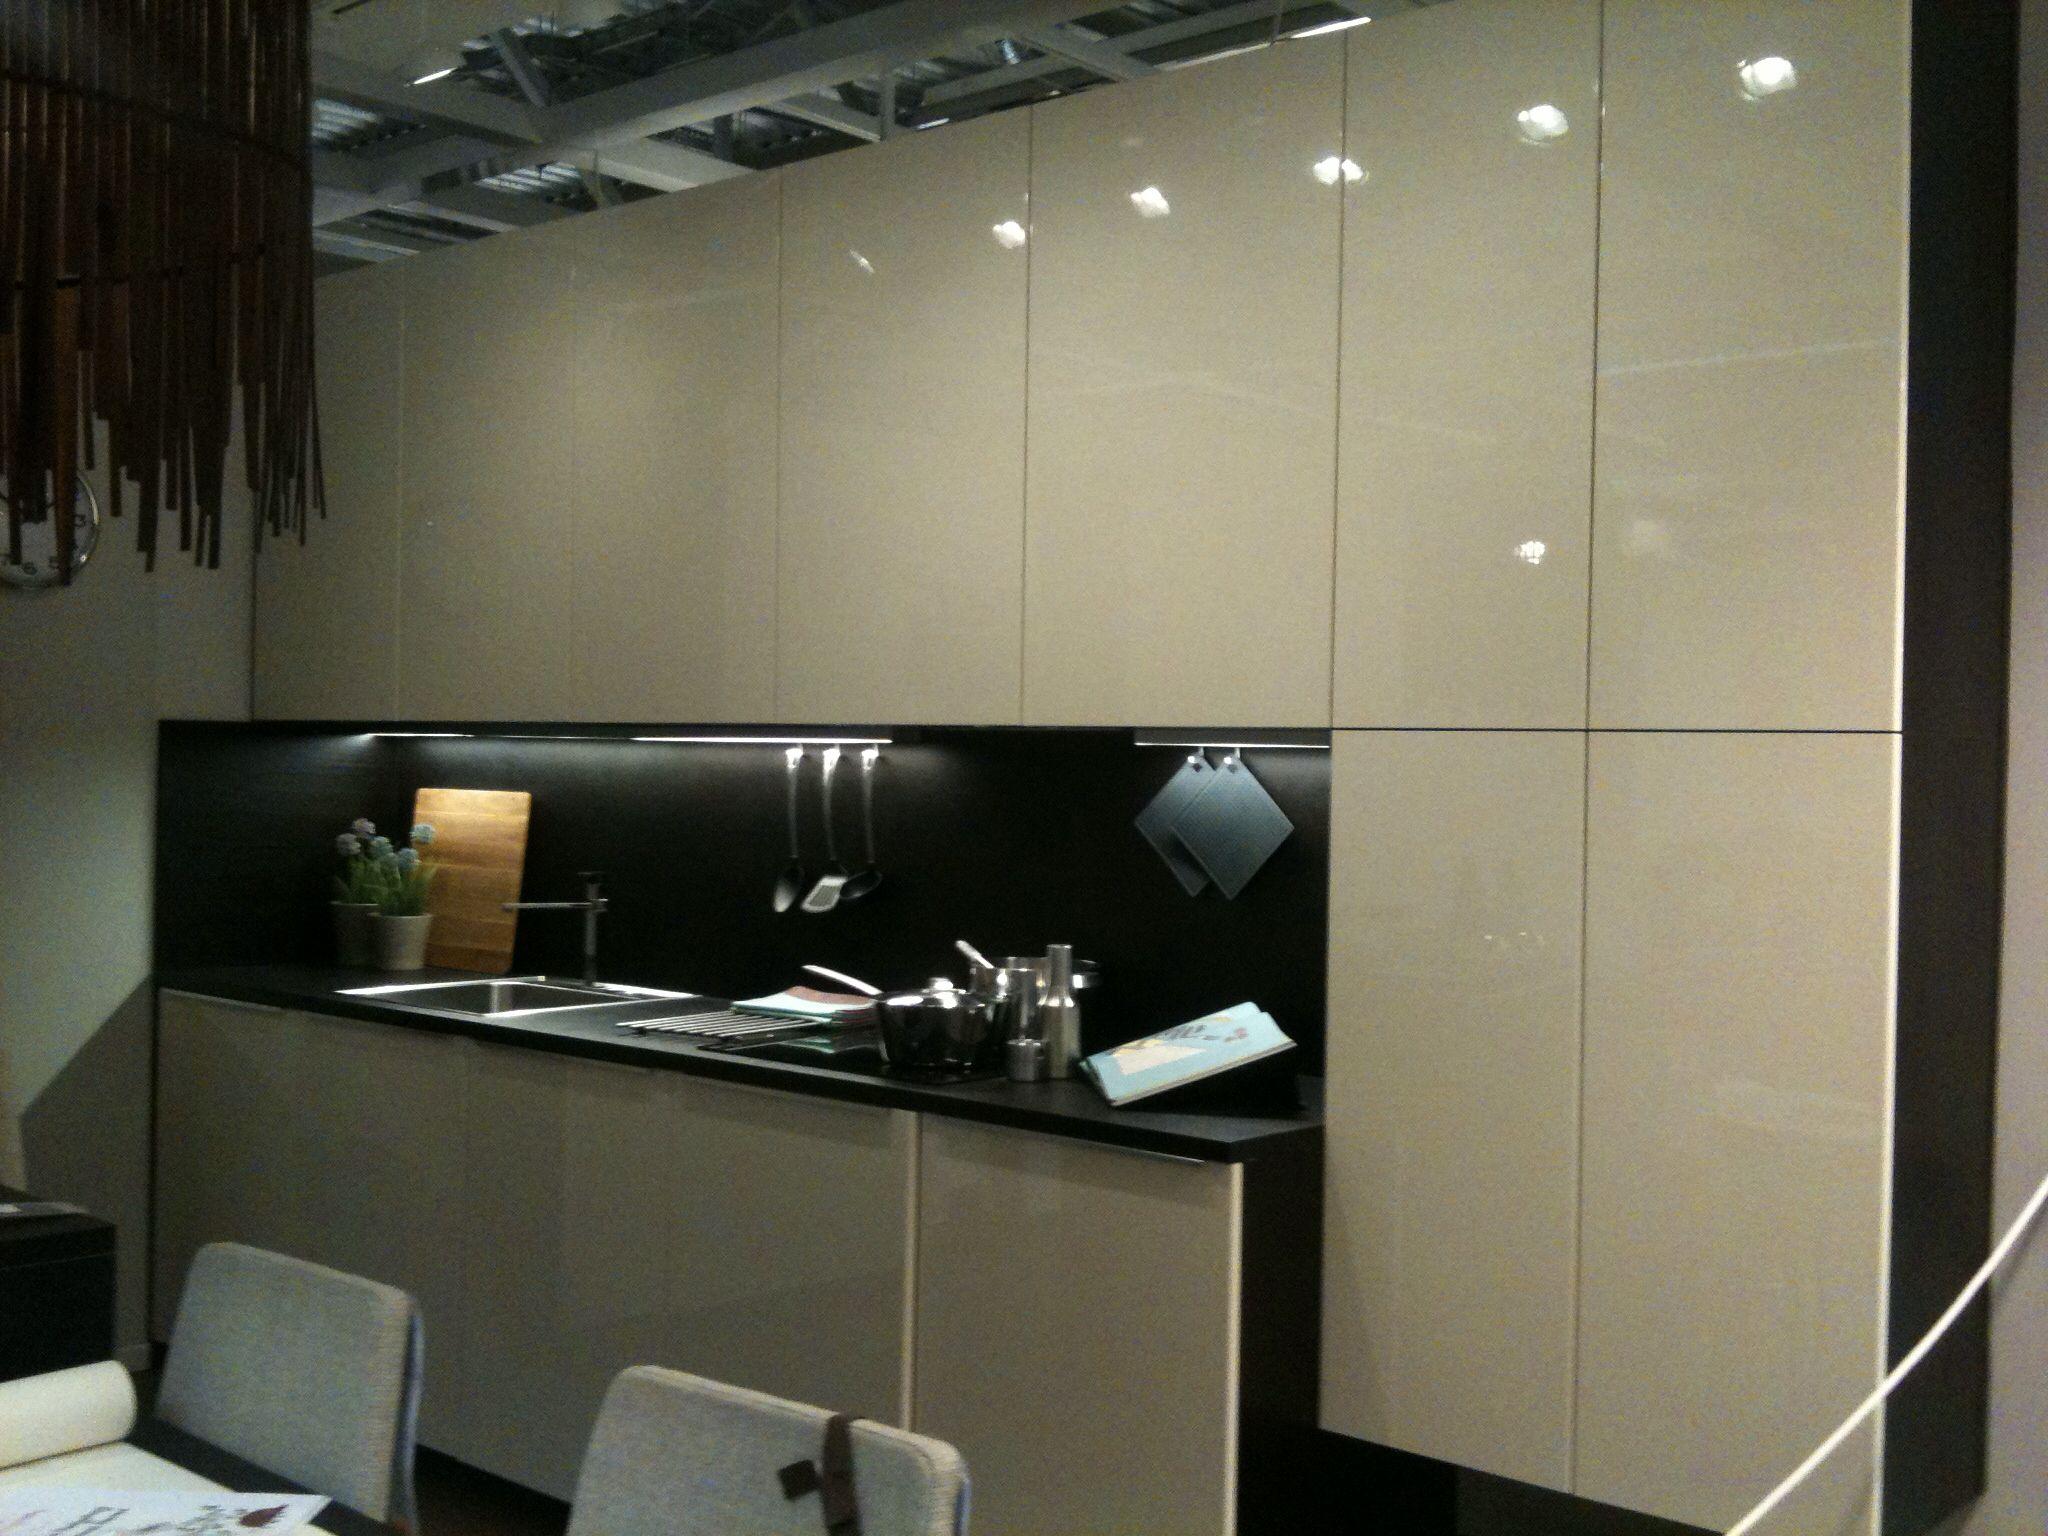 Kitchen Showrooms Ikea ikea showroom | ikea kitchen showroom | pinterest | ikea showroom